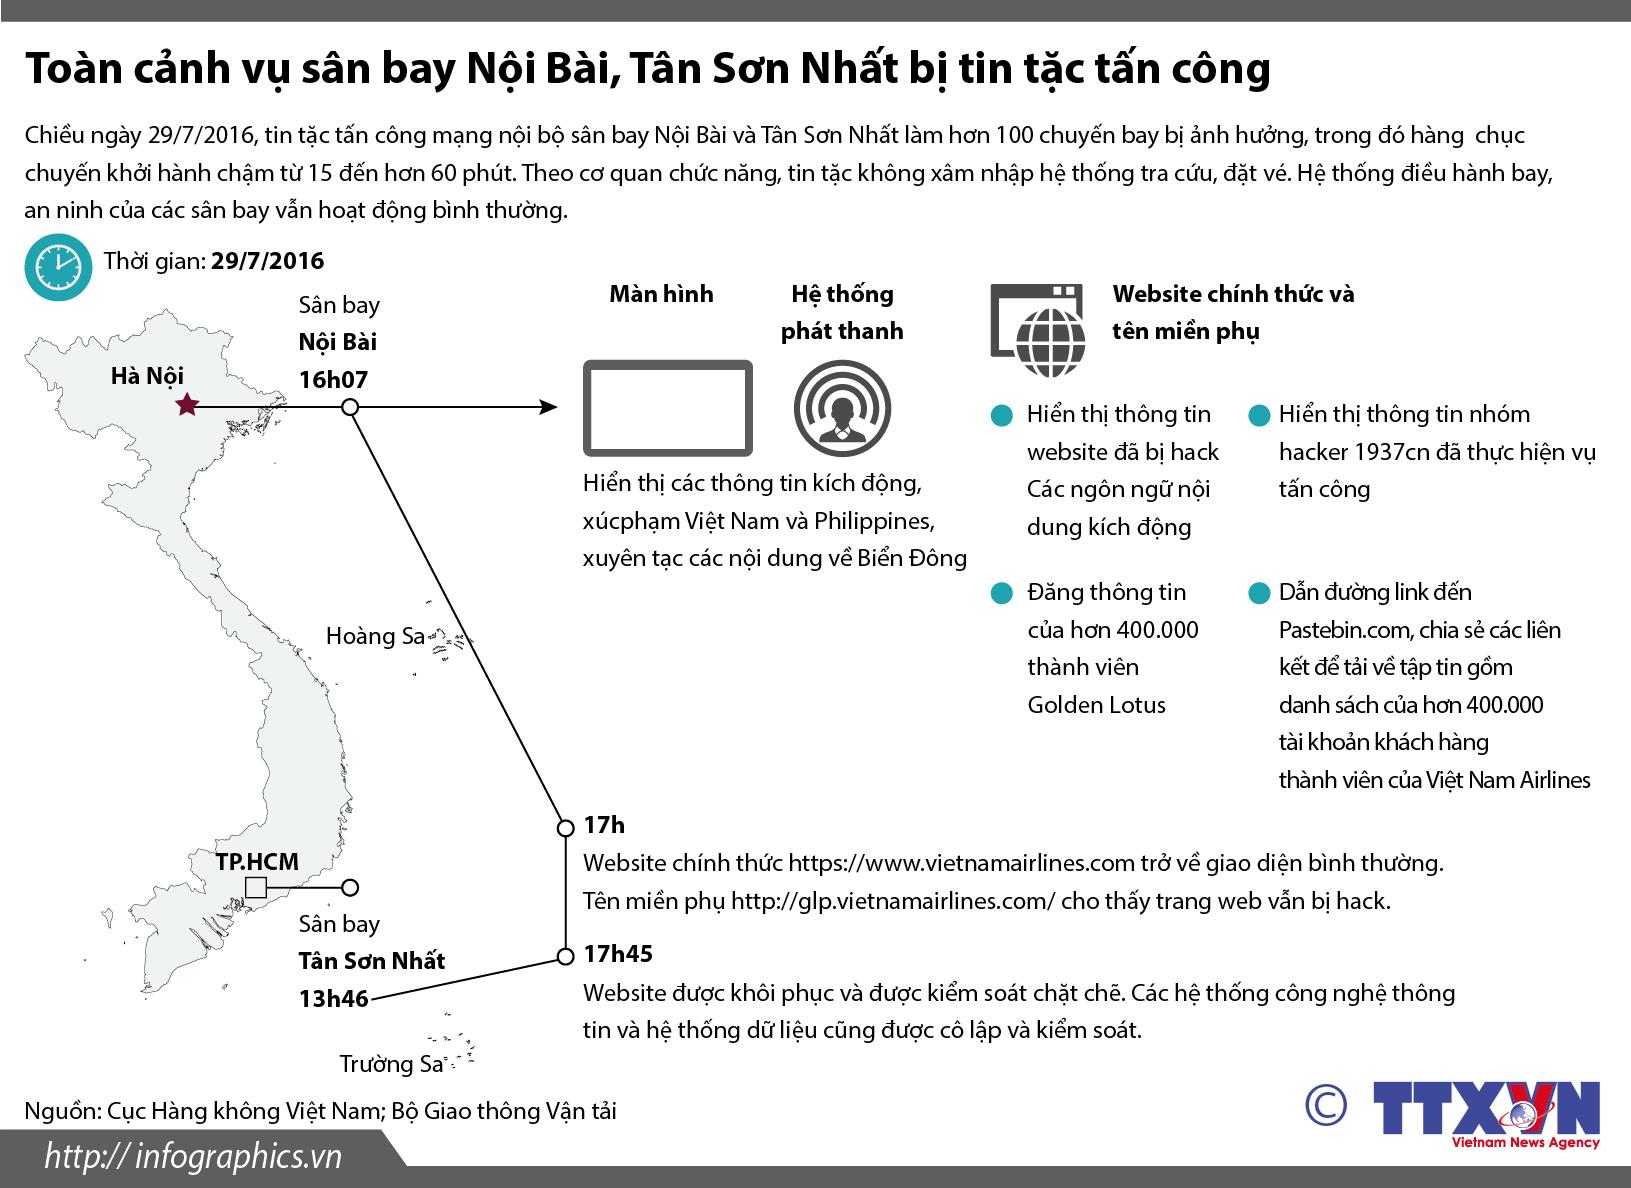 Đồ họa: Toàn cảnh vụ sân bay Nội Bài, Tân Sơn Nhất bị tin tặc tấn công